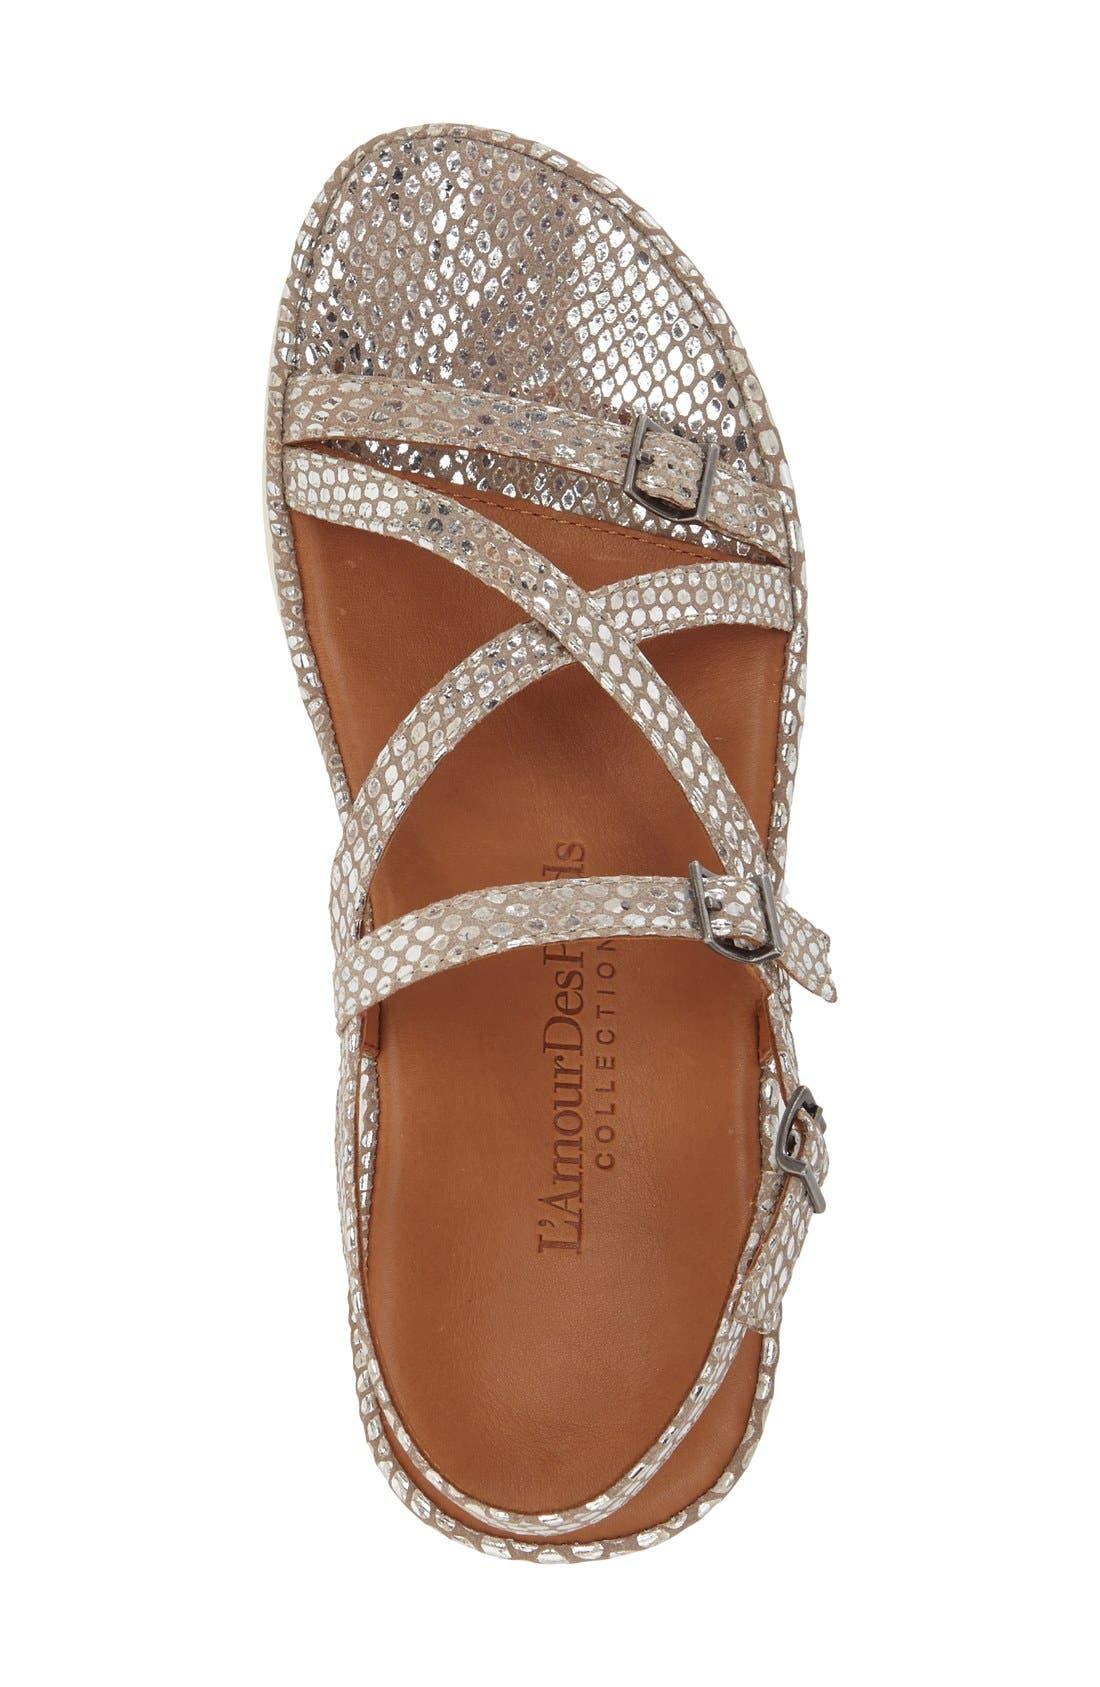 'Verdun' Crisscross Sandal,                             Alternate thumbnail 3, color,                             Gold/ Silver Snake Leather